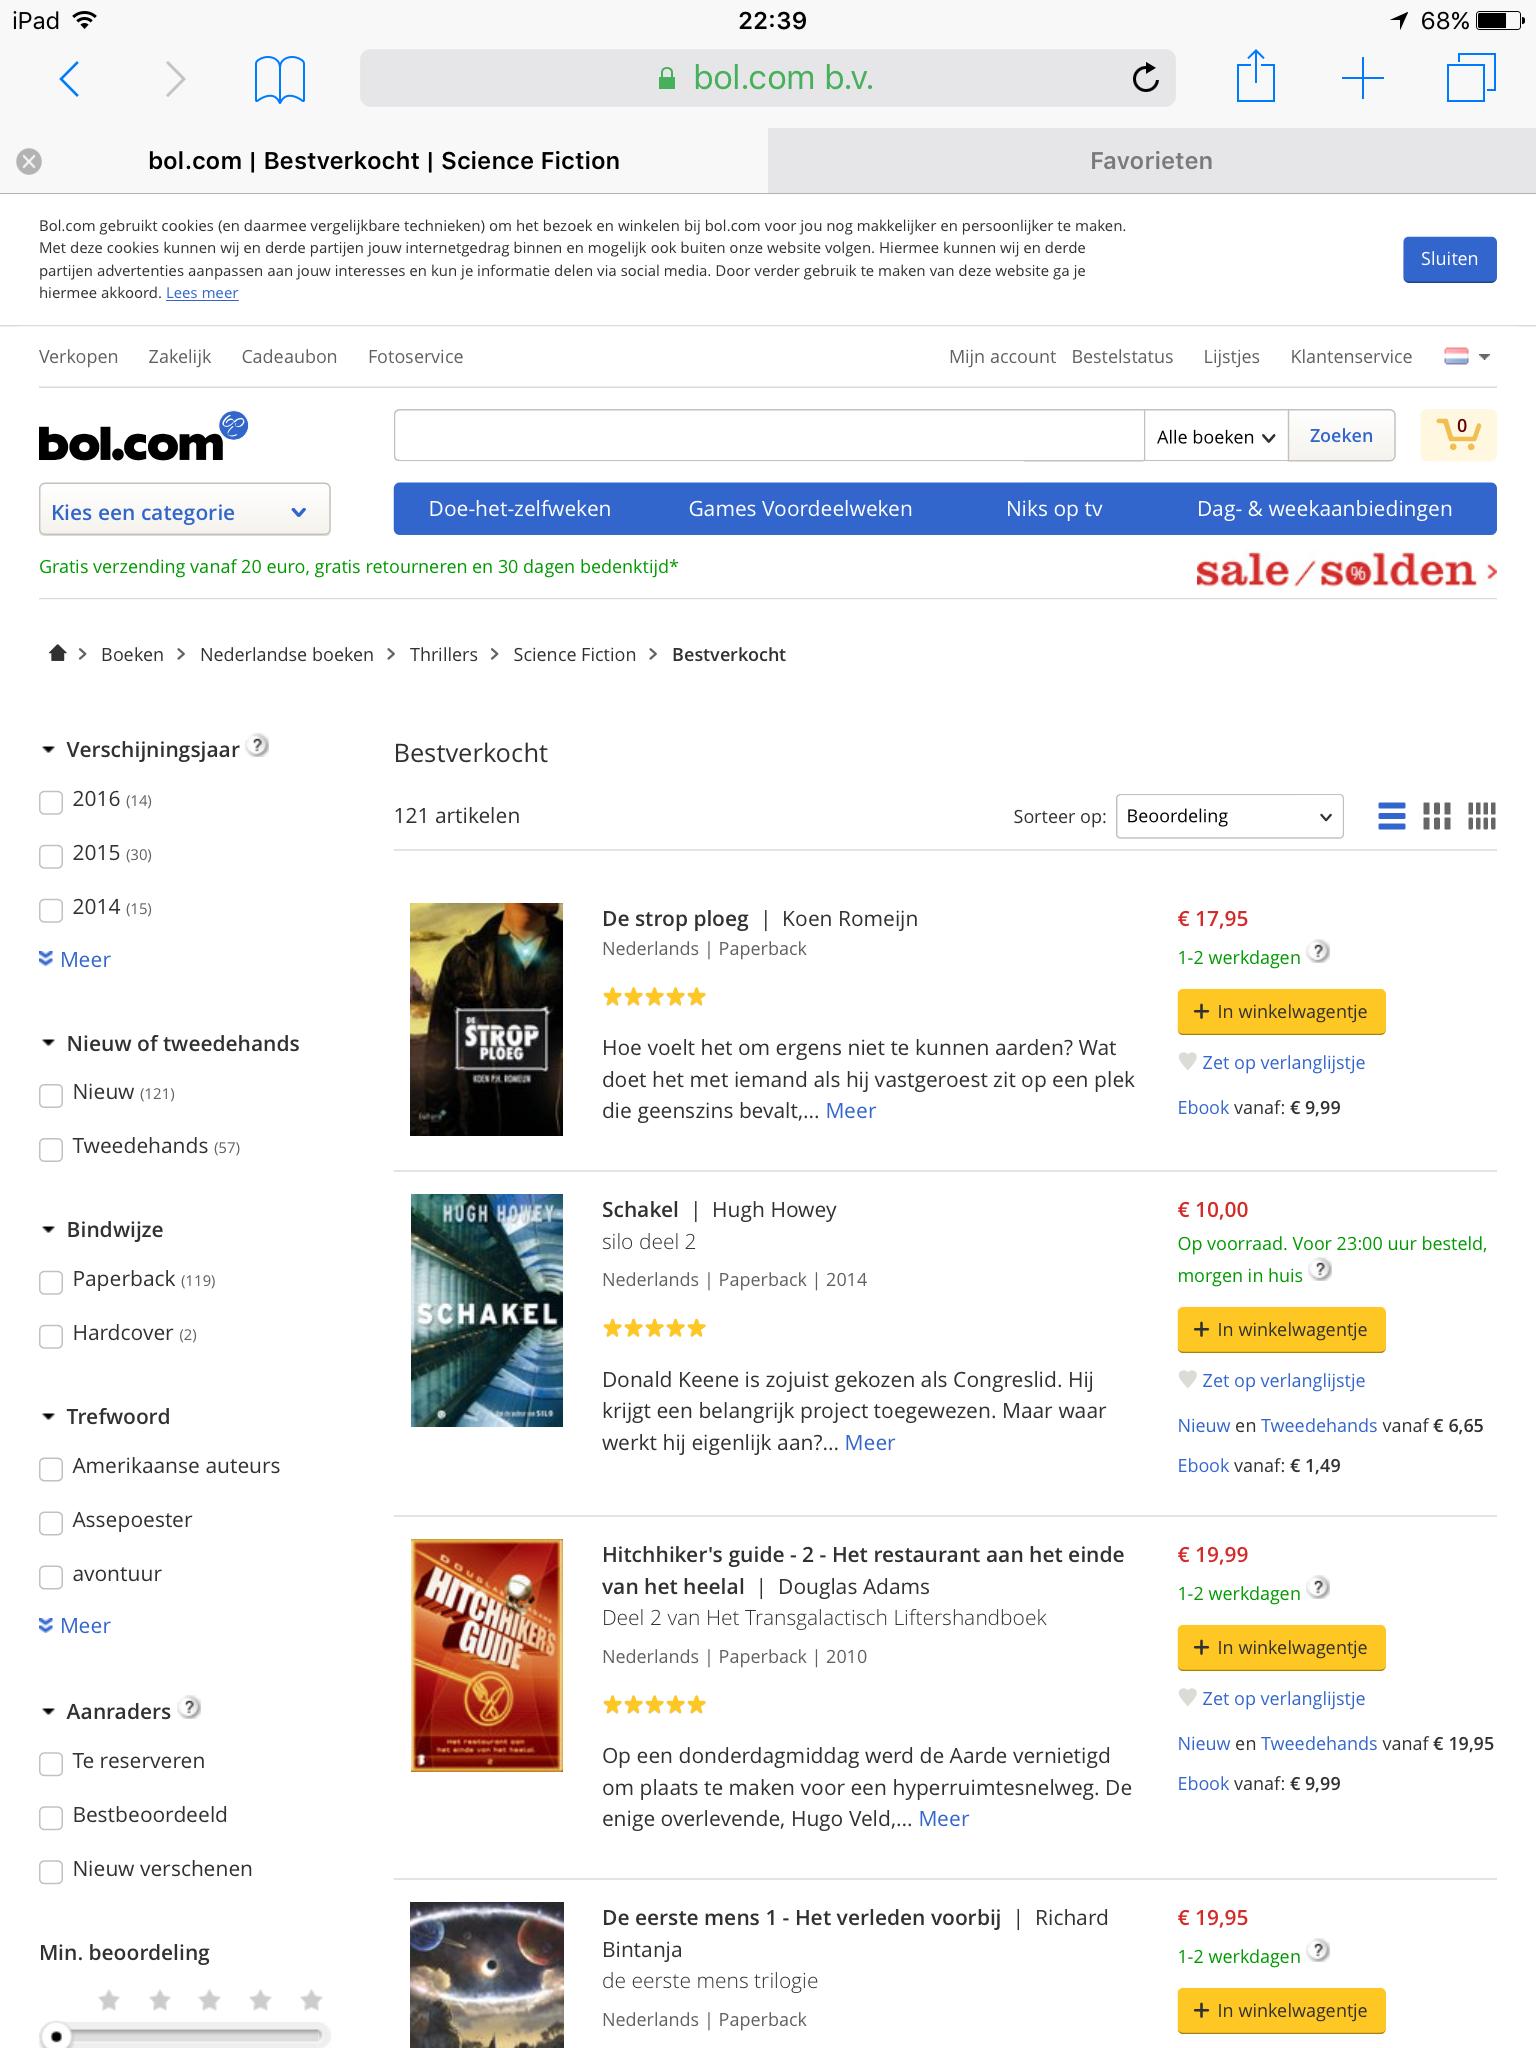 Leuk, het boek 'De Strop Ploeg' van Koen Romeijn is bij Bol.com het bestverkochte Sci-Fi boek. #destropploeg #koenromeijn #scifi #futurouitgevers #bolcom